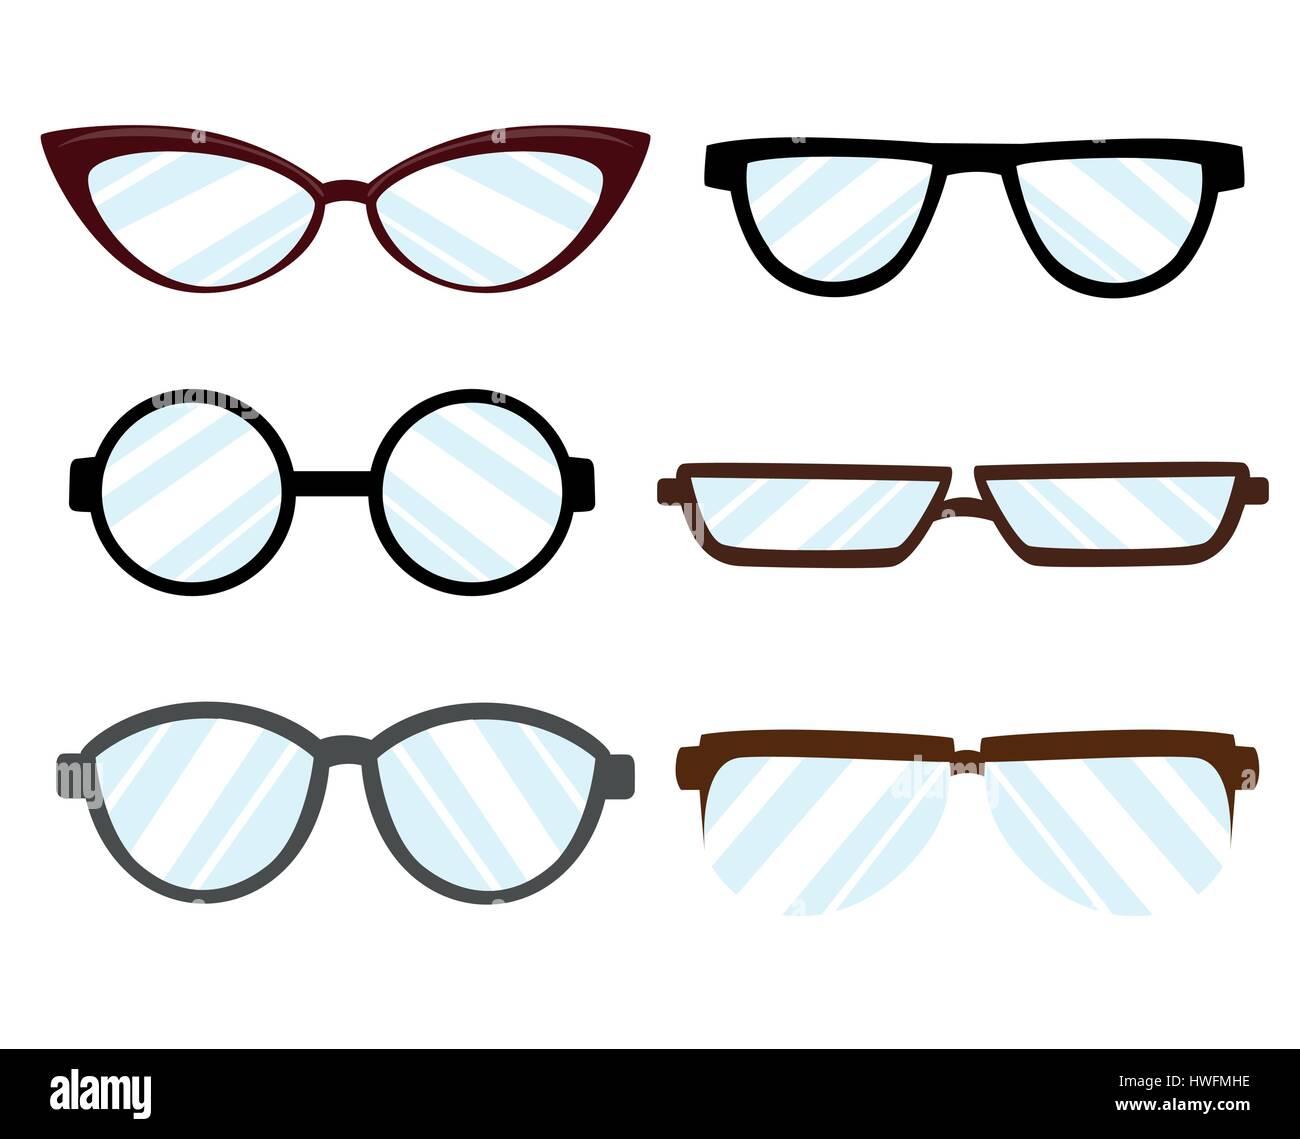 Silhouette lunettes style différent - hipster, rétro, vintage, Moderne,  classique. Télévision style design vector illustration 170403b6a5af